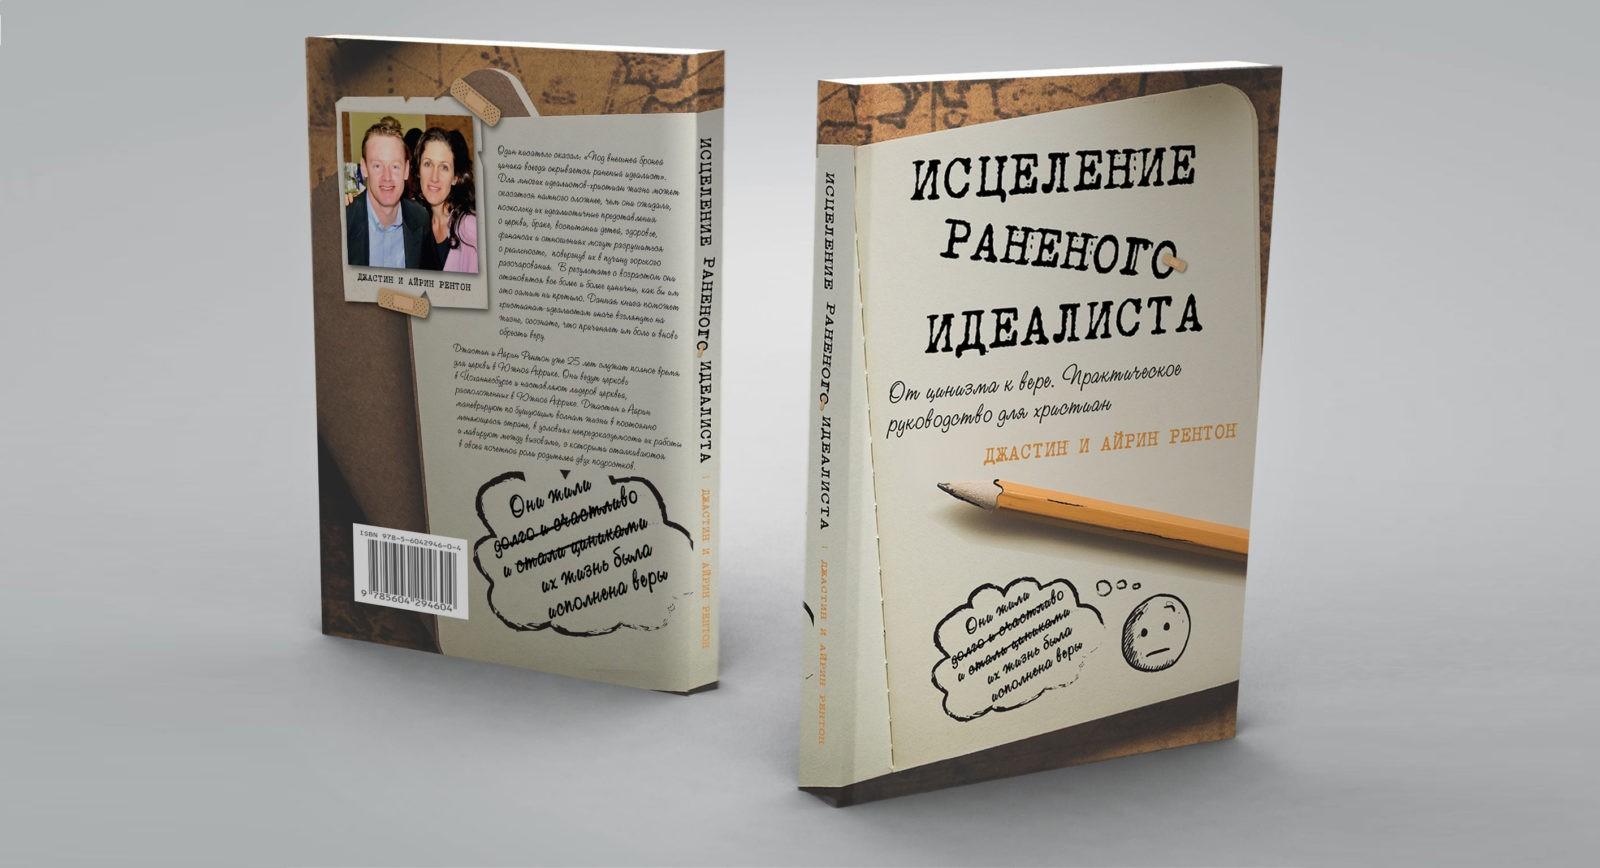 Новая книга «Исцеление раненого идеалиста»